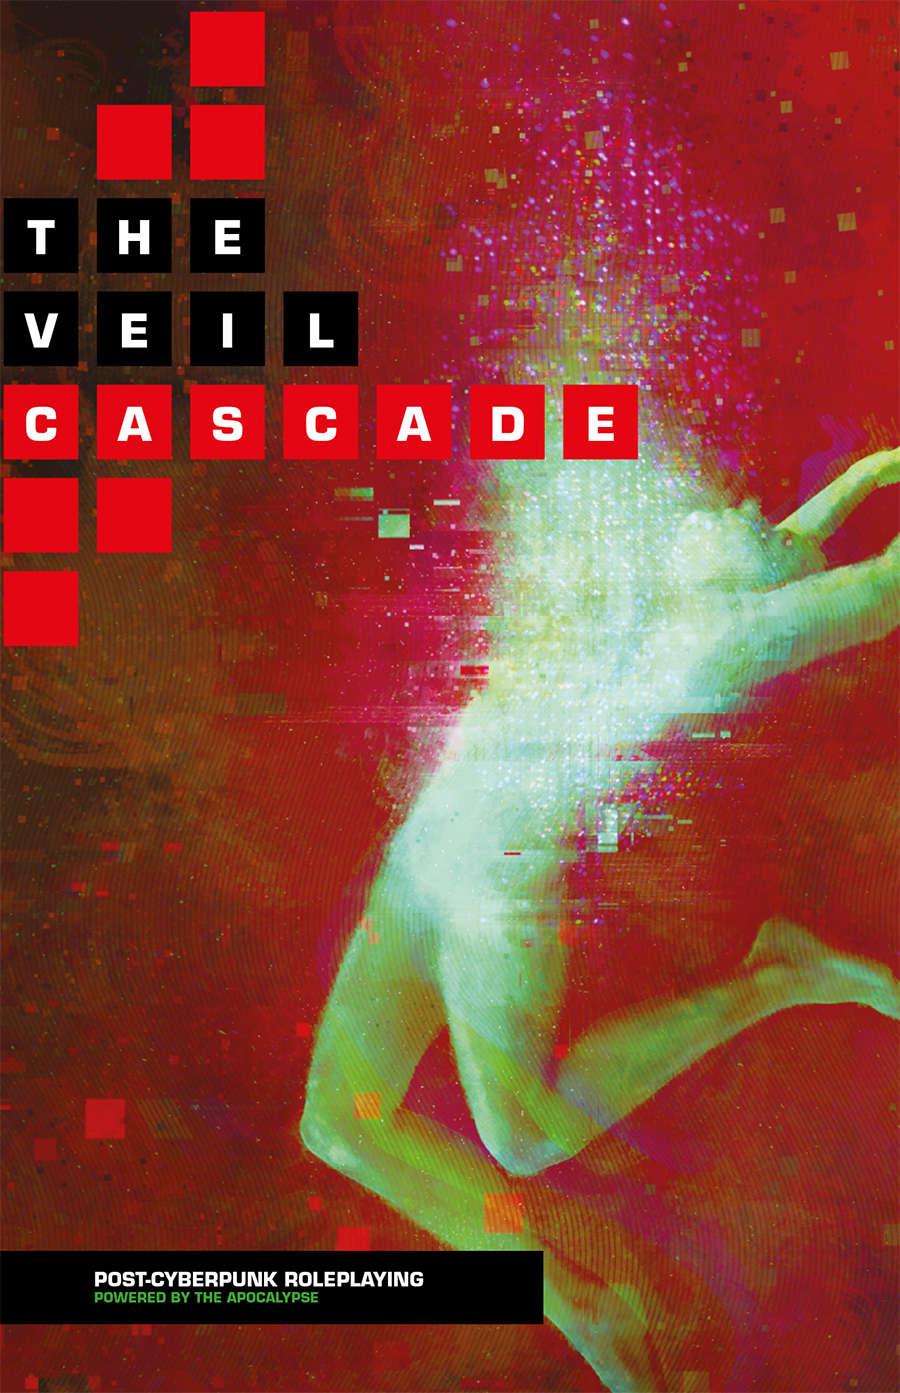 The Veil: Cascade Post-Cyberpunk Roleplaying